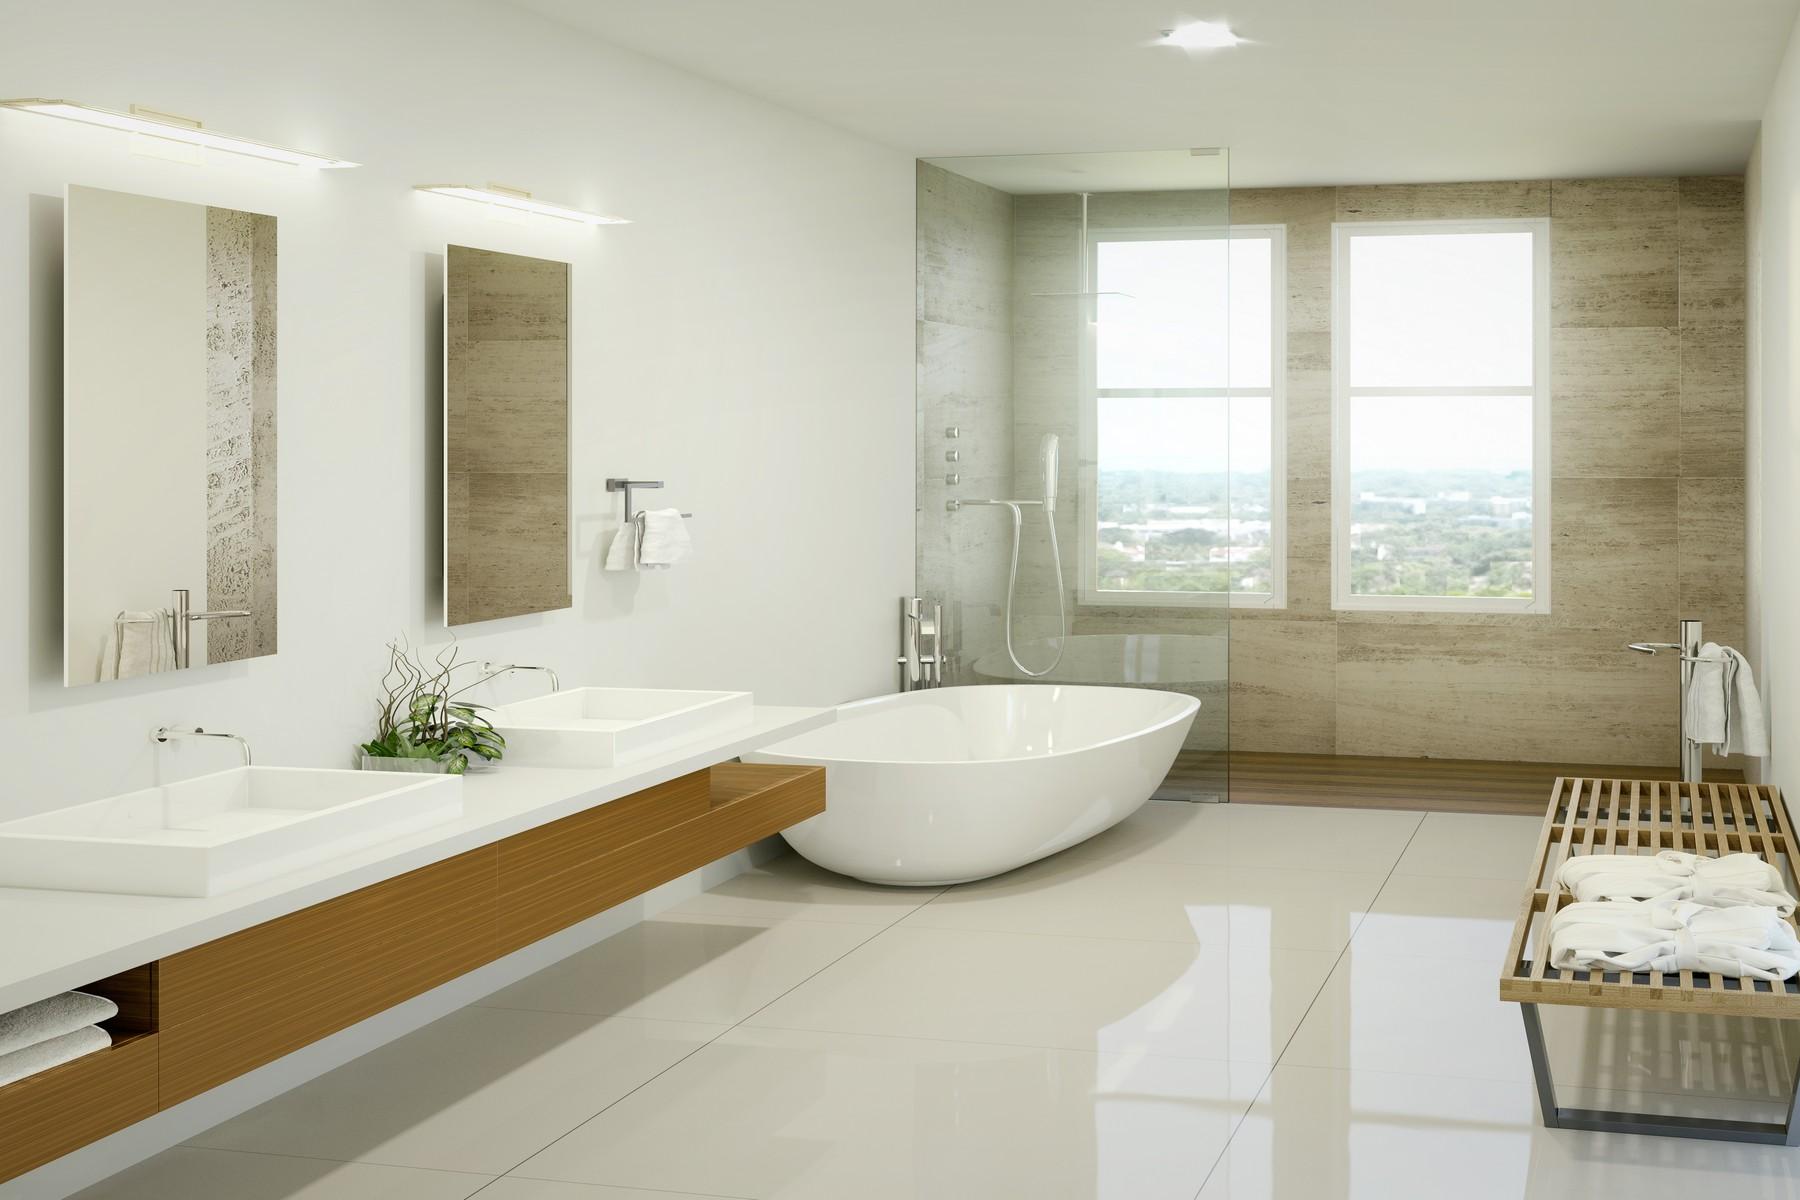 Condominium for Sale at 4220 Laguna St #501 4220 Laguna St 501 Coral Gables, Florida, 33146 United States